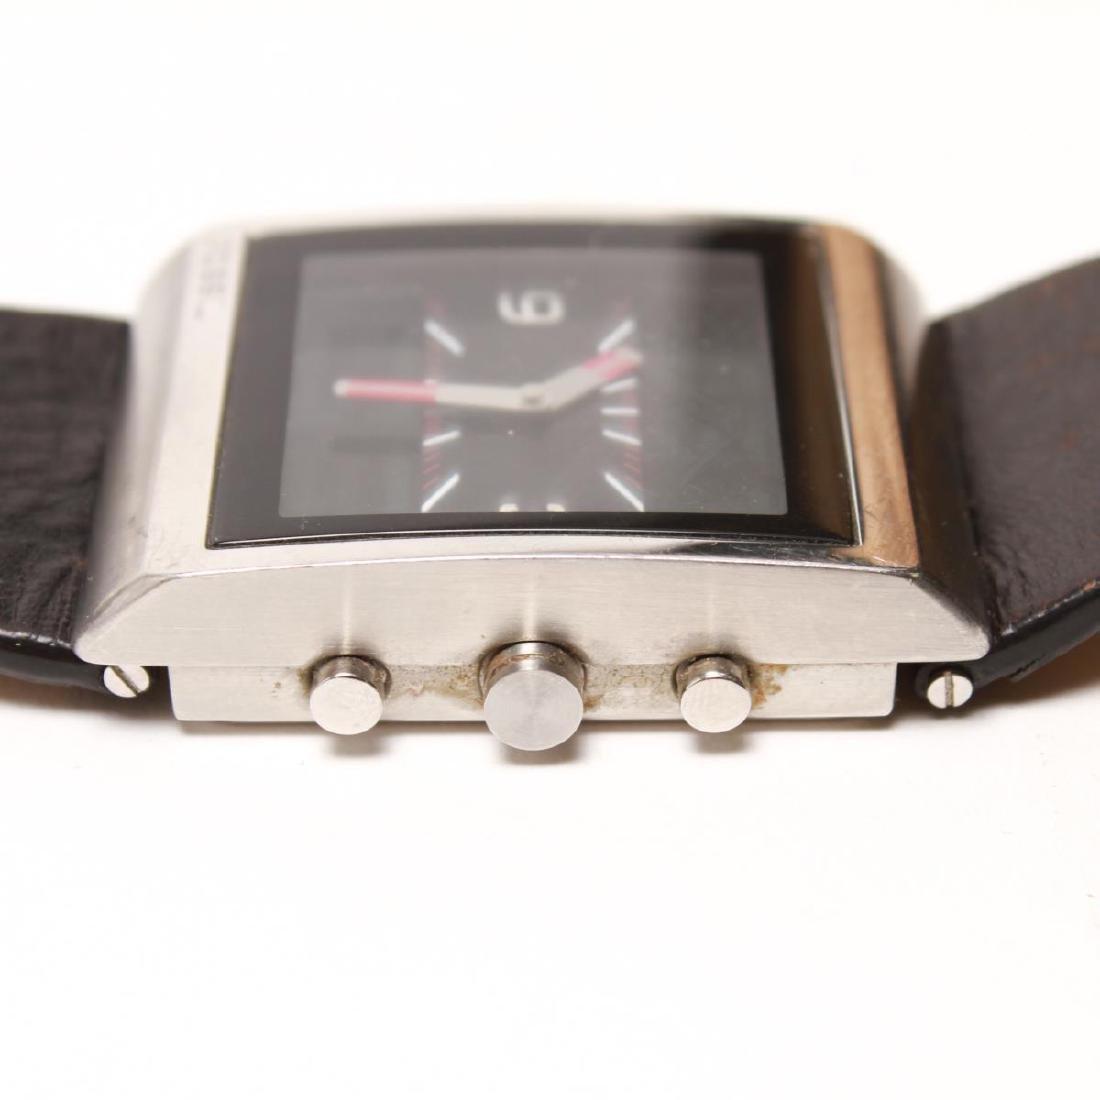 Fossil FUEL Man's Swiss Analog Digital Wristwatch - 3